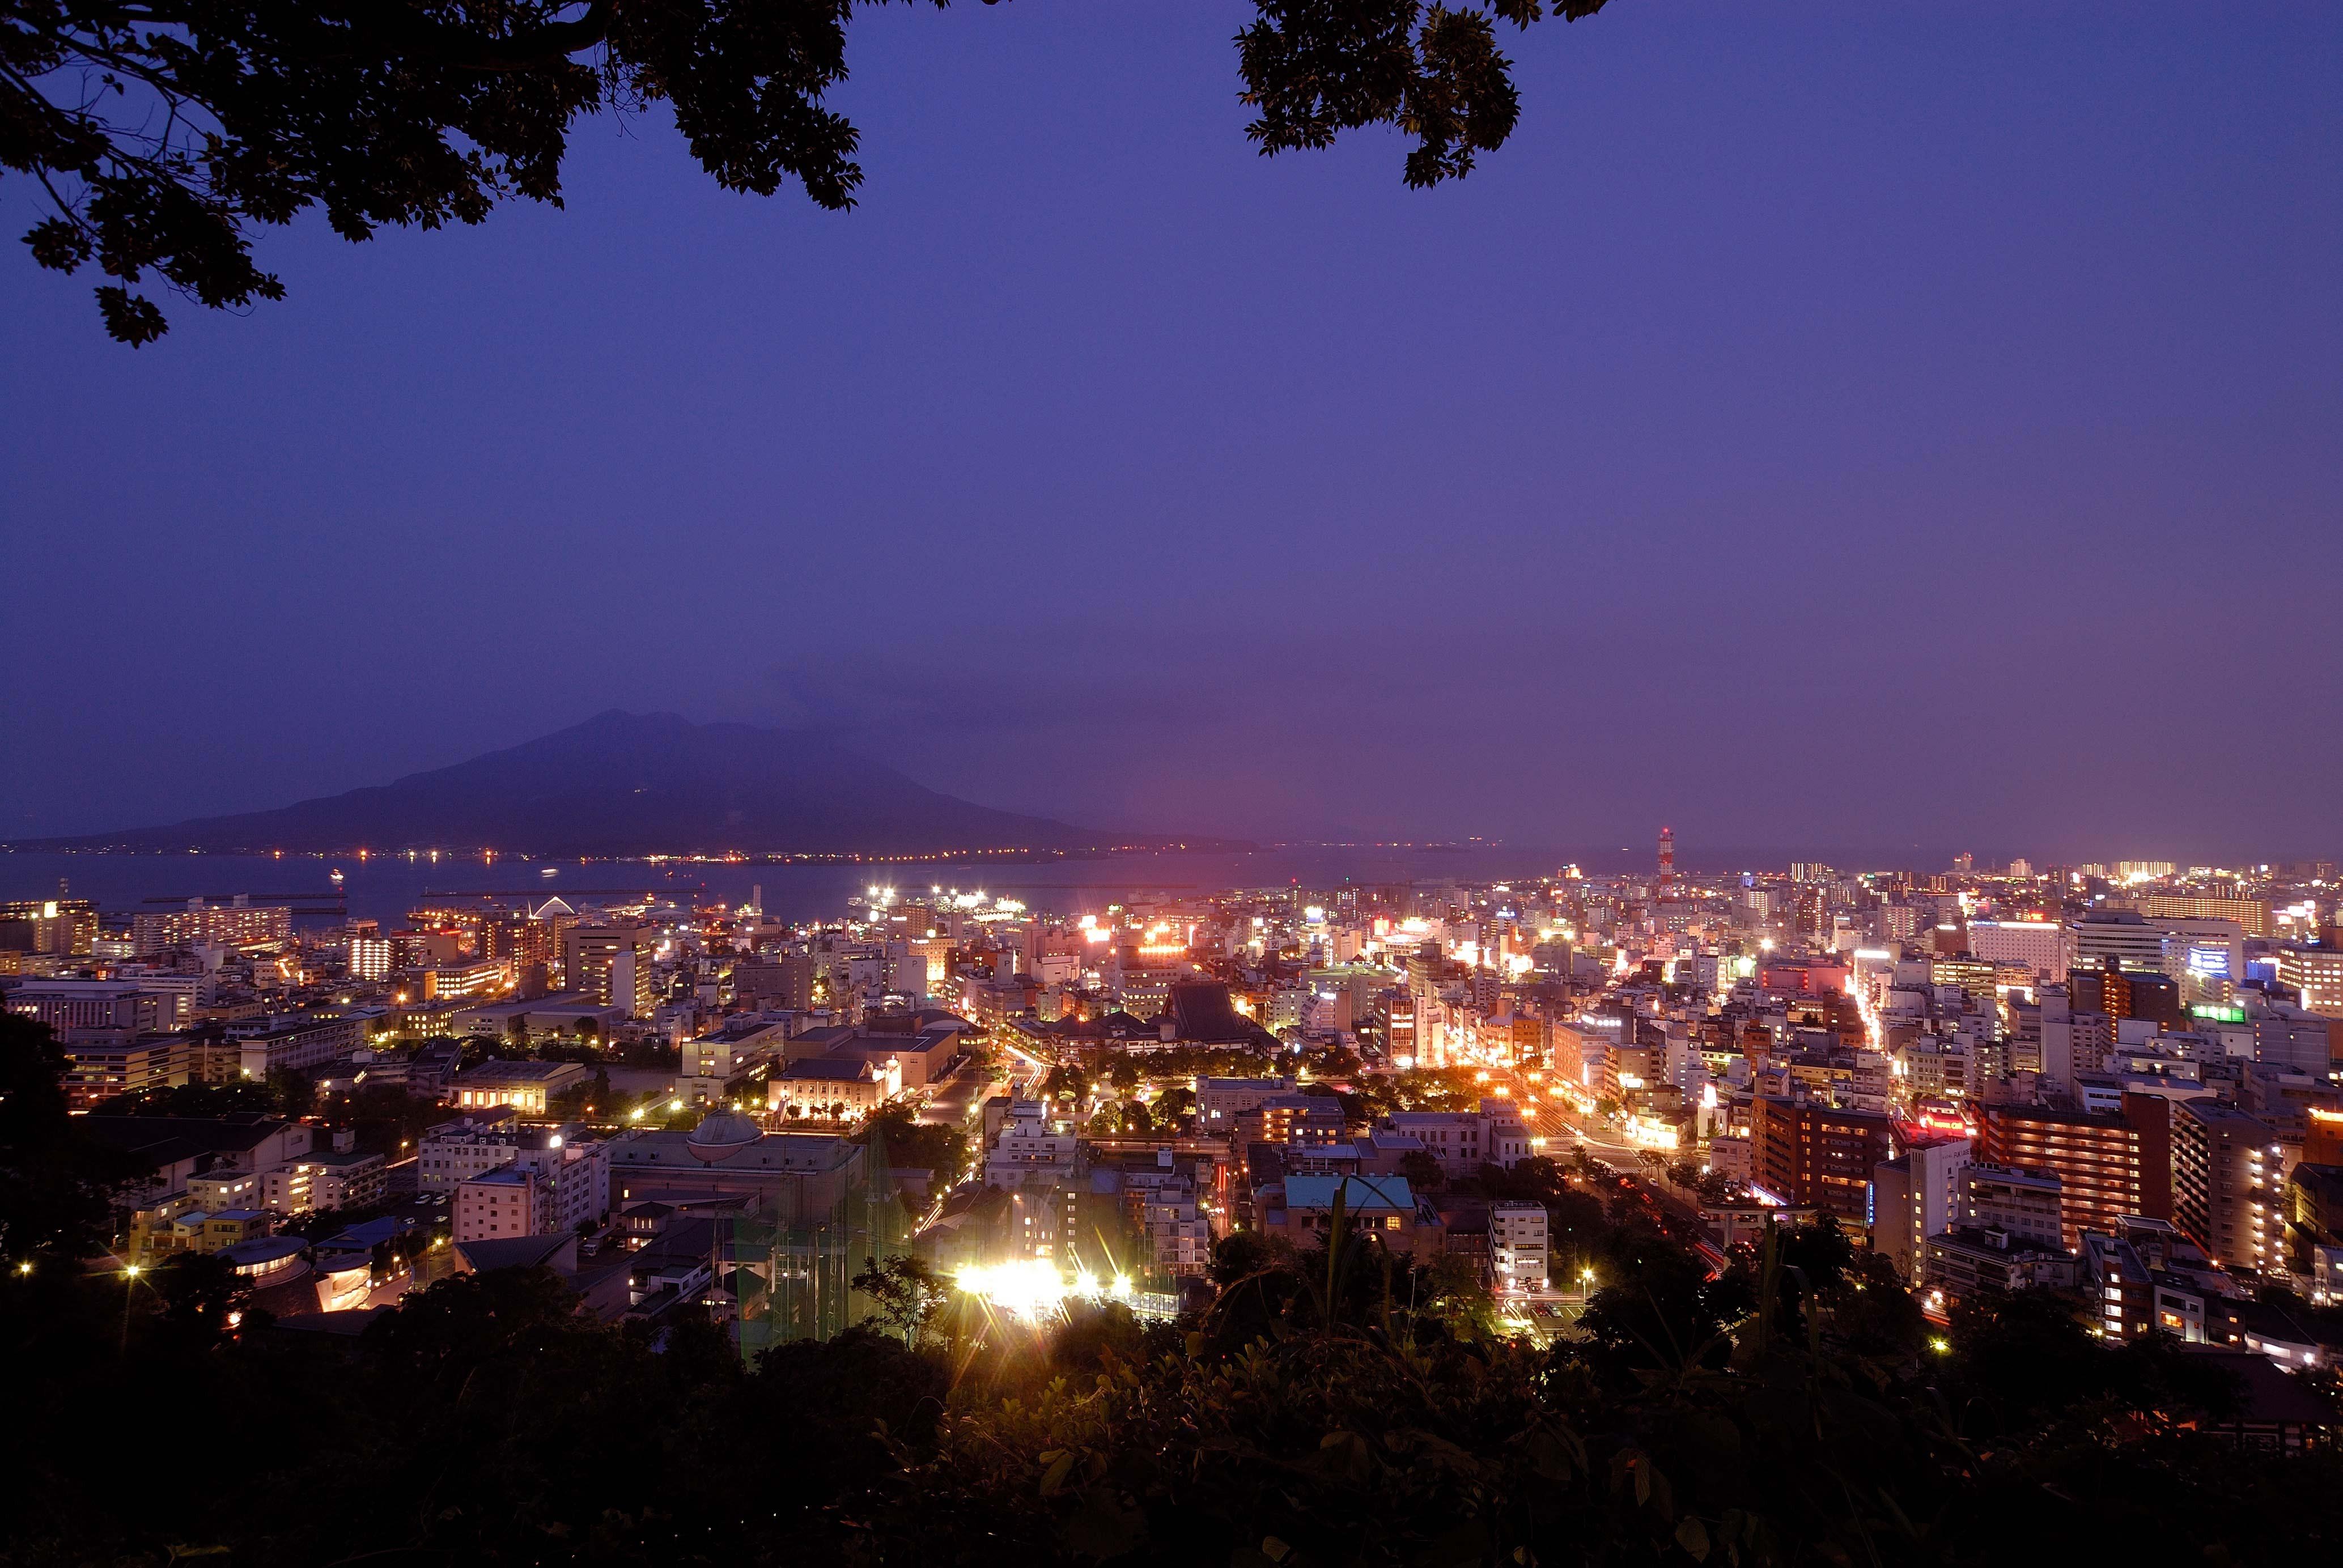 南九州随一の賑わいを見せる鹿児島市街の夜景を堪能